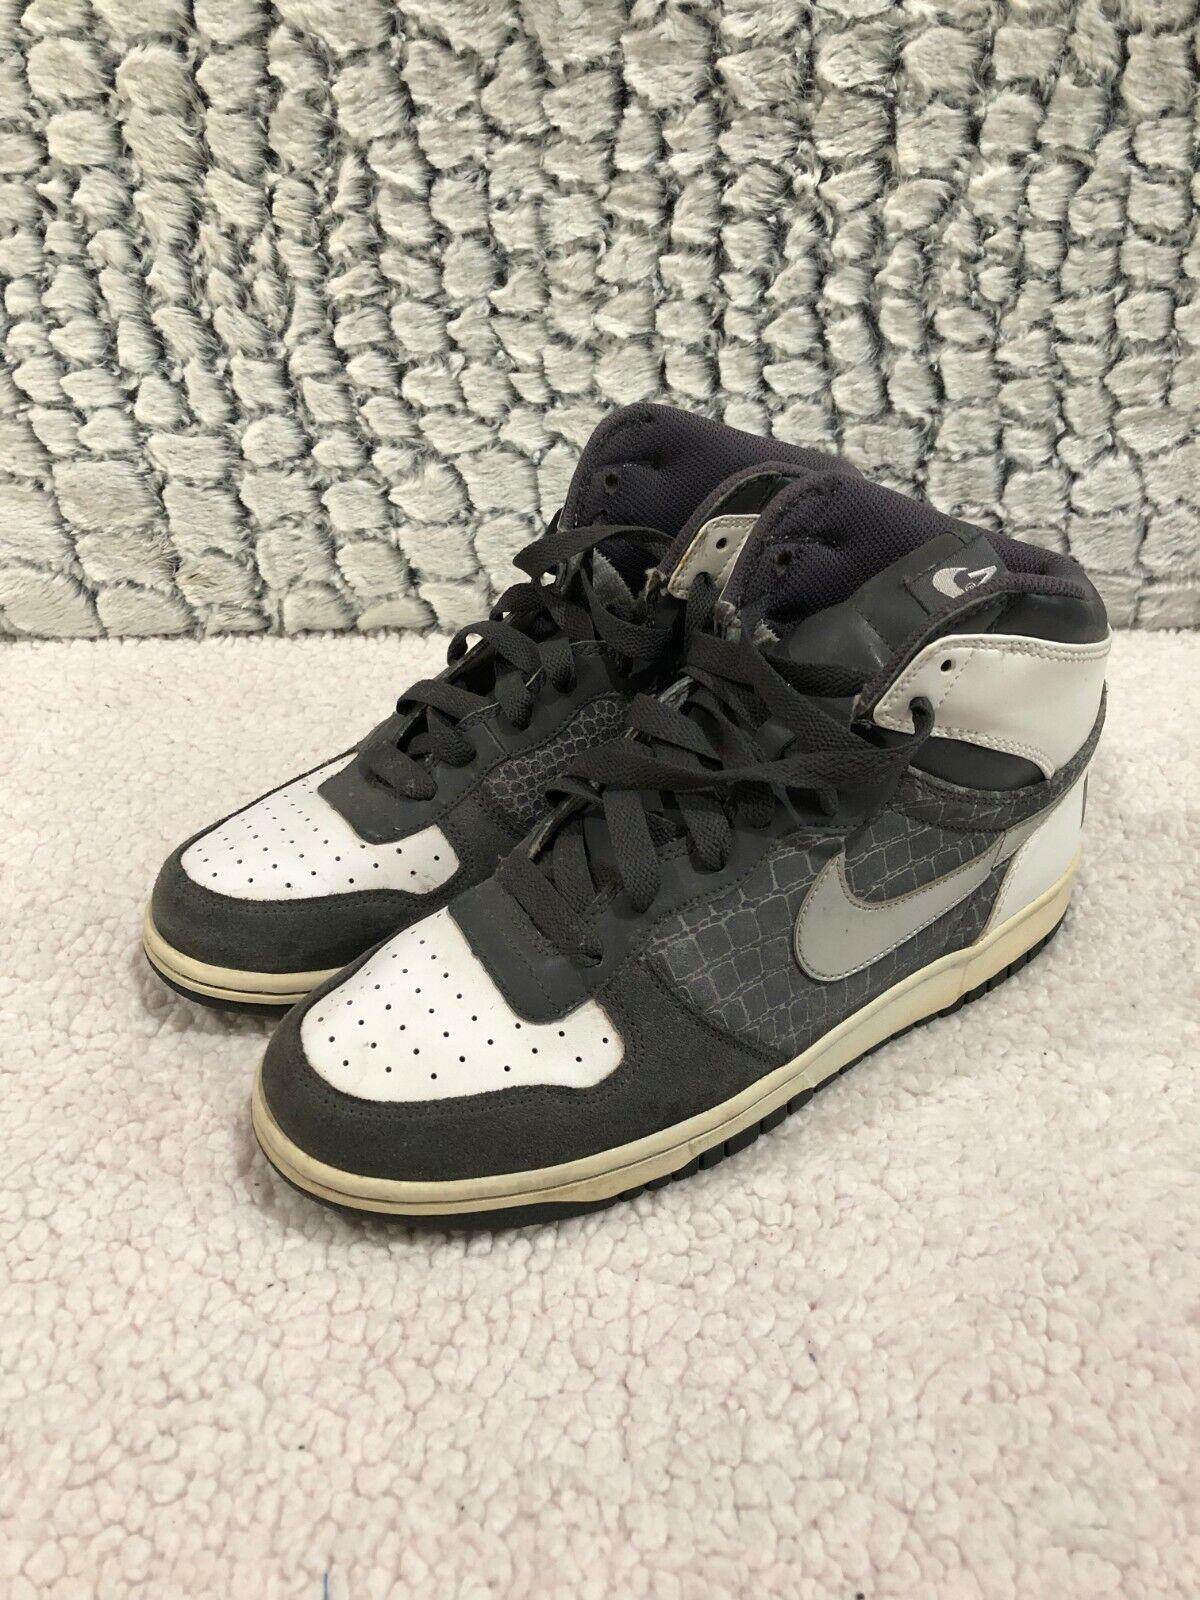 Nike grande nike alte scarpe scarpe scarpe grigio scuro   argentoo metallico 336608-002 uomini sz 8,5 | Exquisite (medio) lavorazione  | Il materiale di altissima qualità  0a51d4